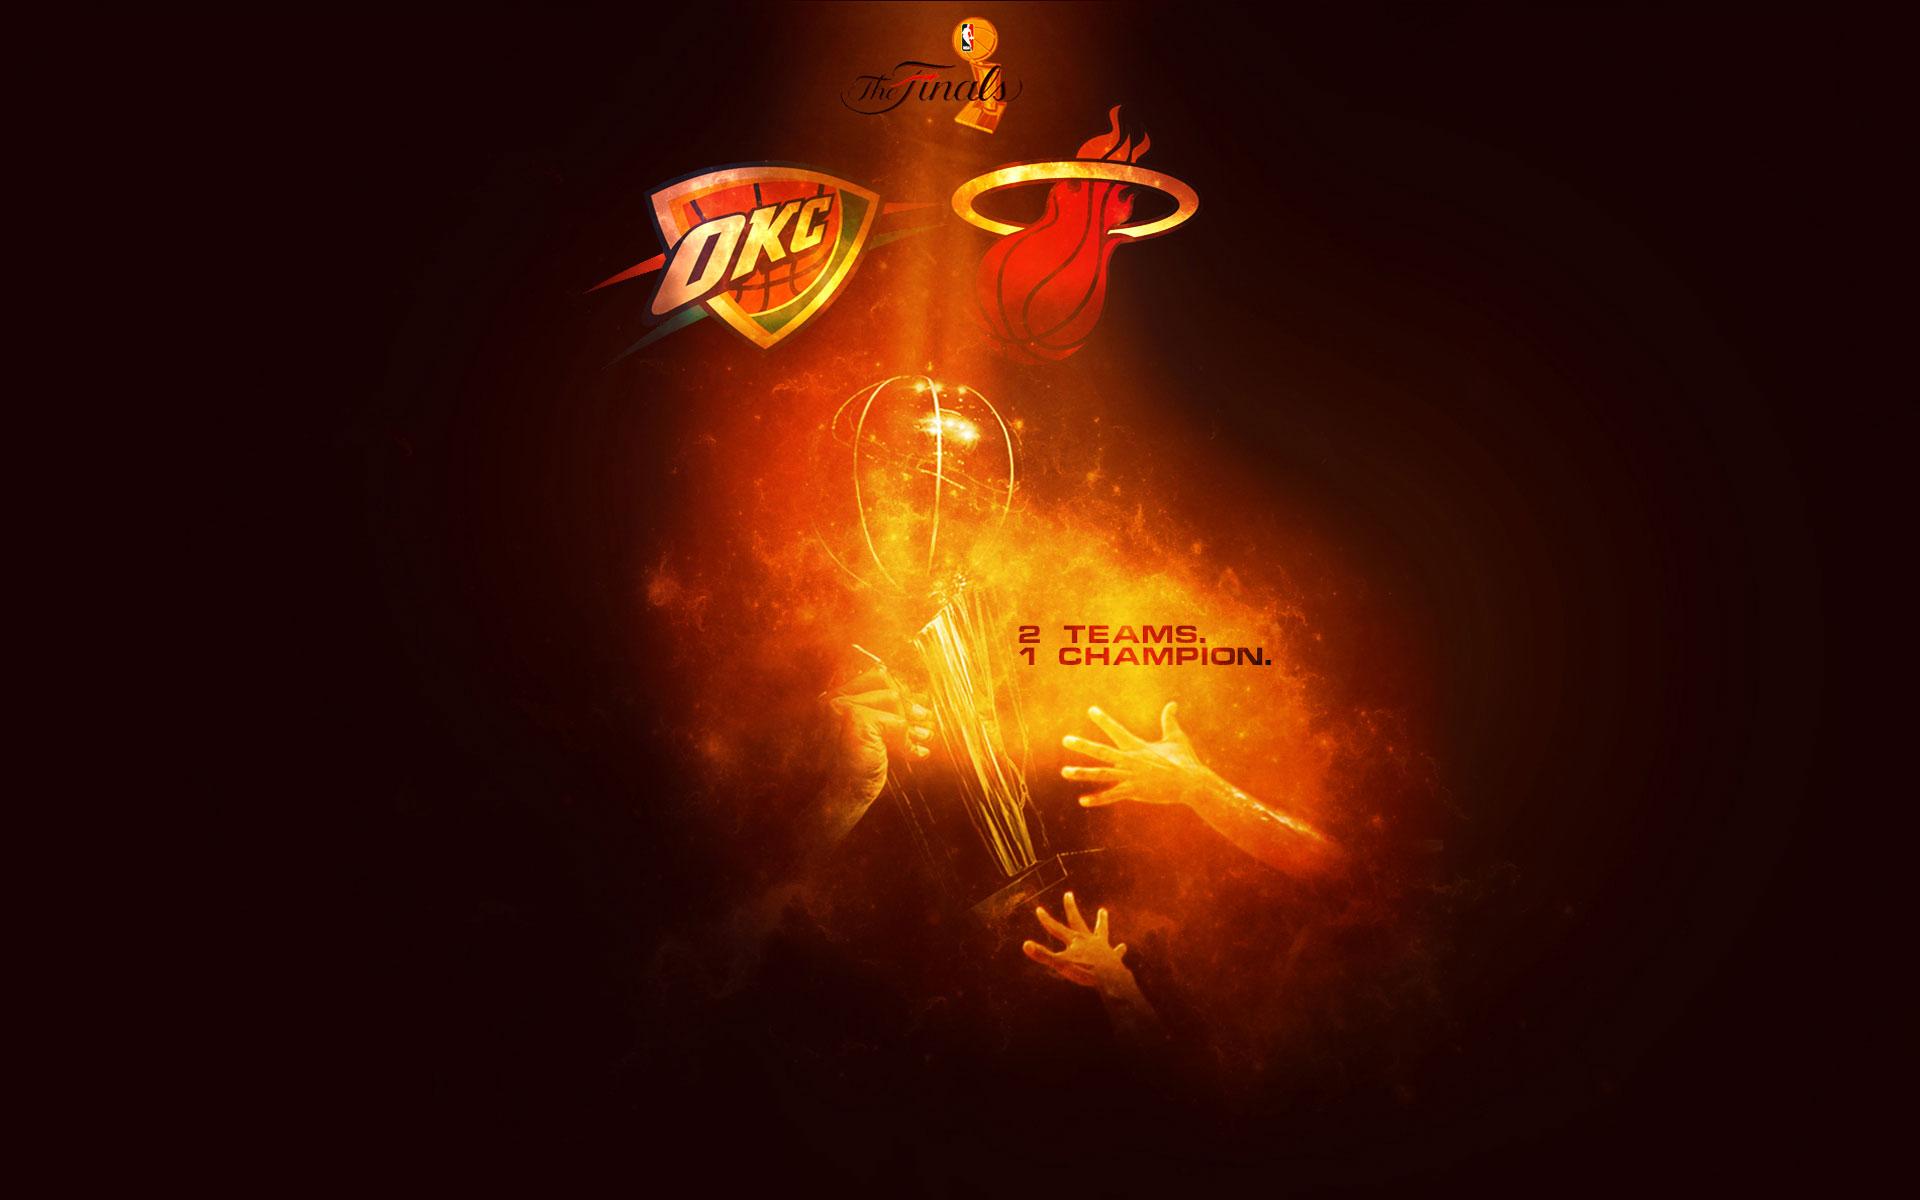 2012 NBA Finals 2 Teams 1 Champion Wallpaper